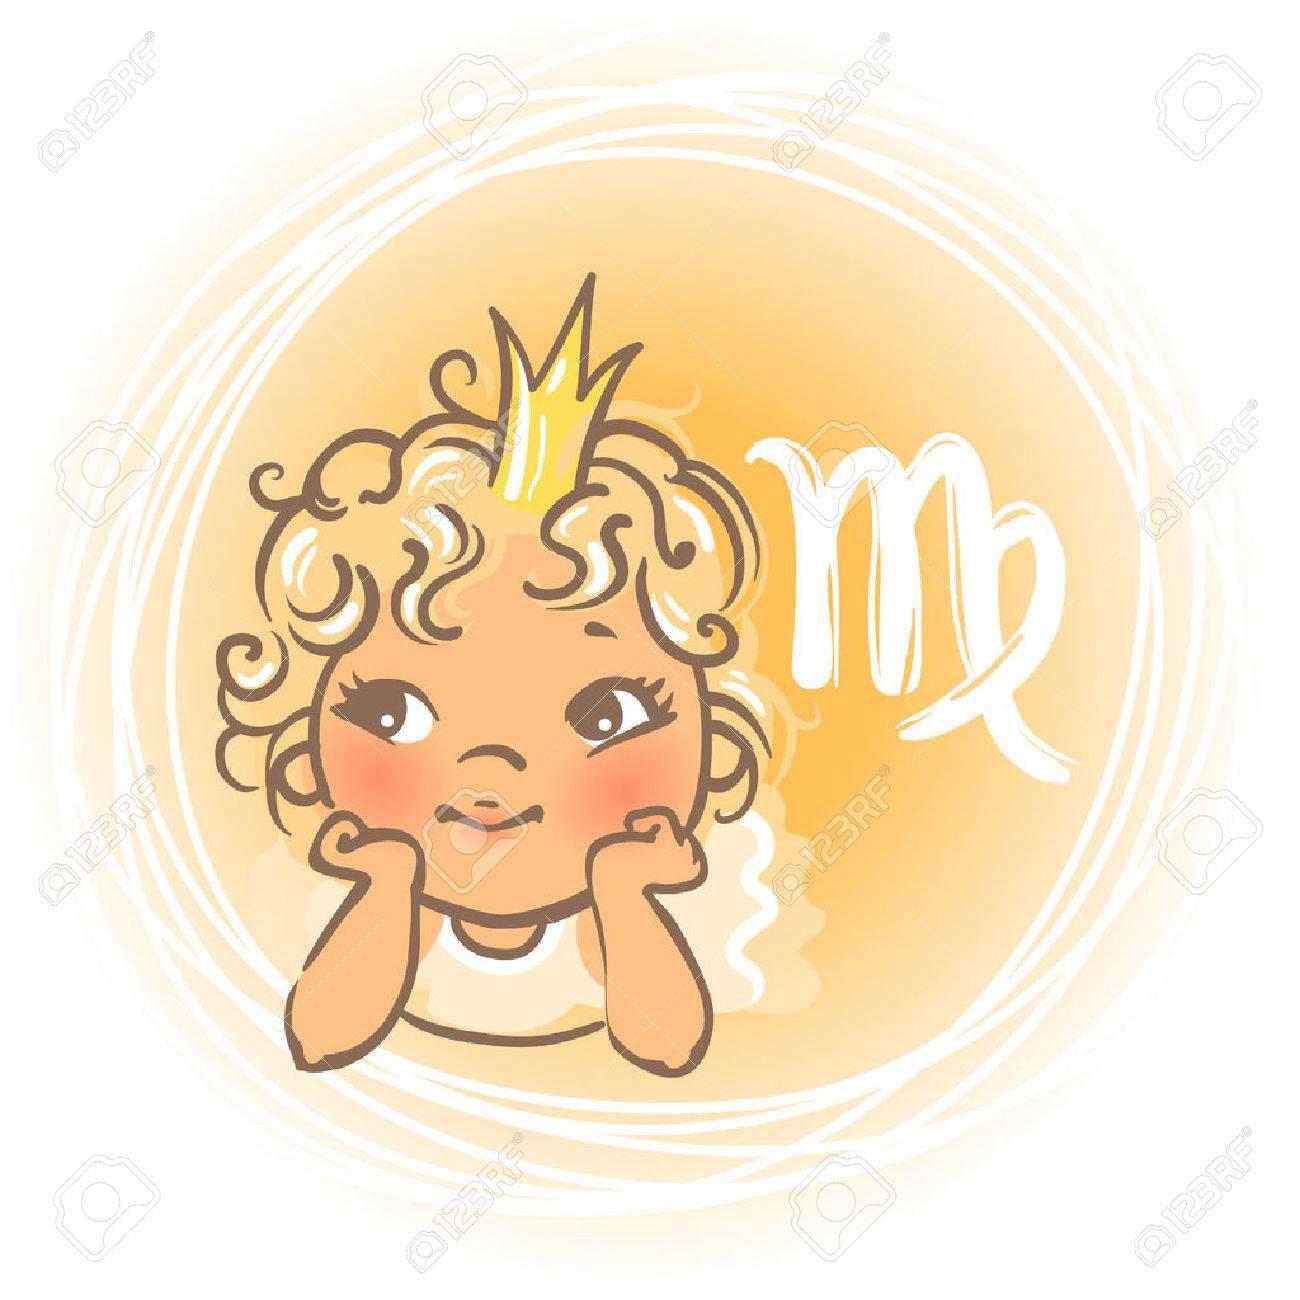 Baby zodiacvirgo - 46608709